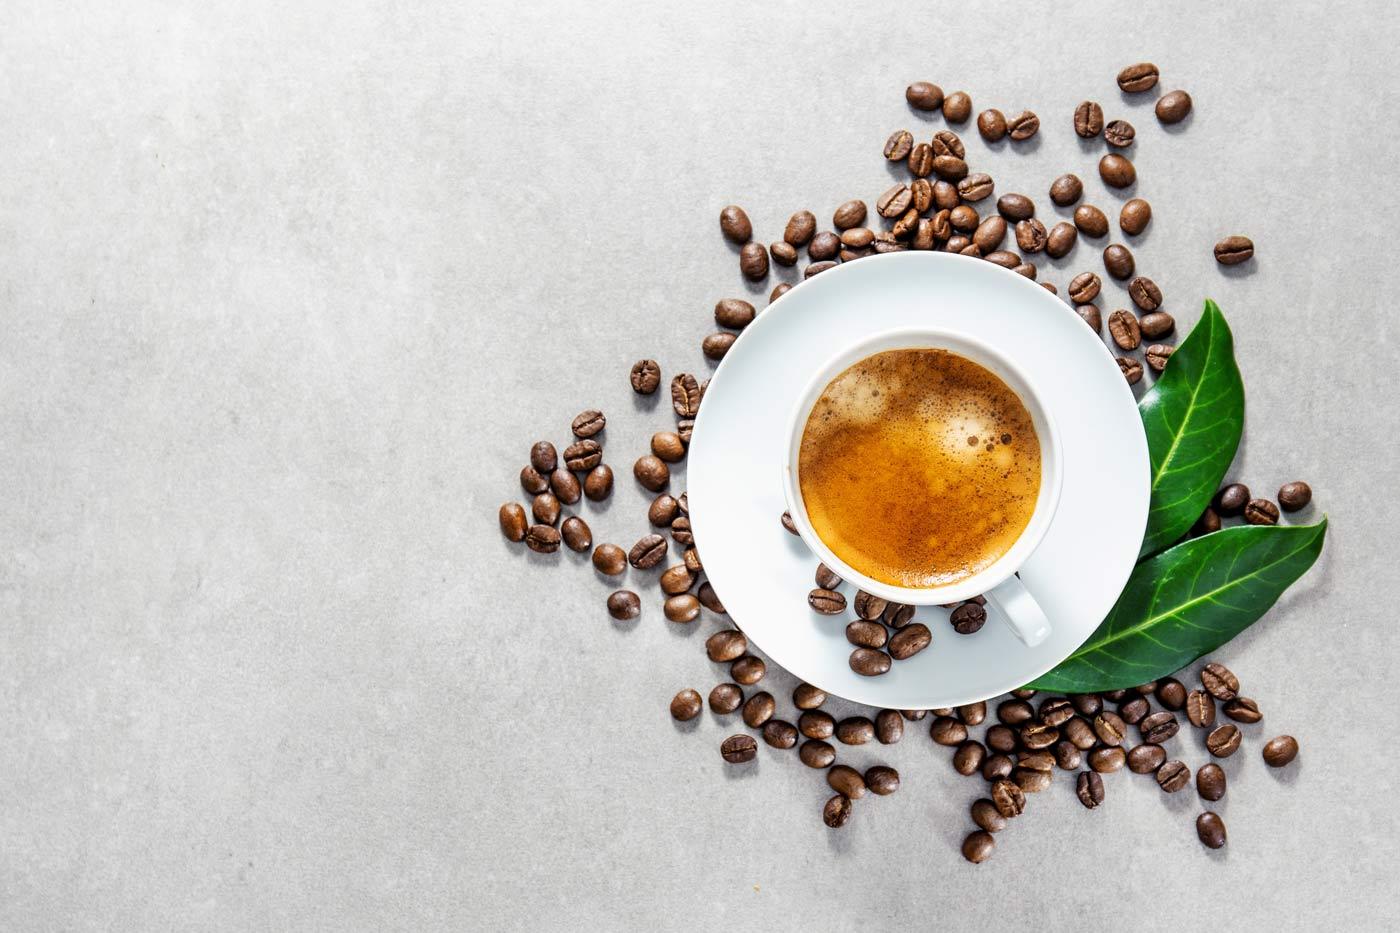 Ο καφές ευεργετεί ή βλάπτει; Όλα όσα πρέπει να ξέρετε